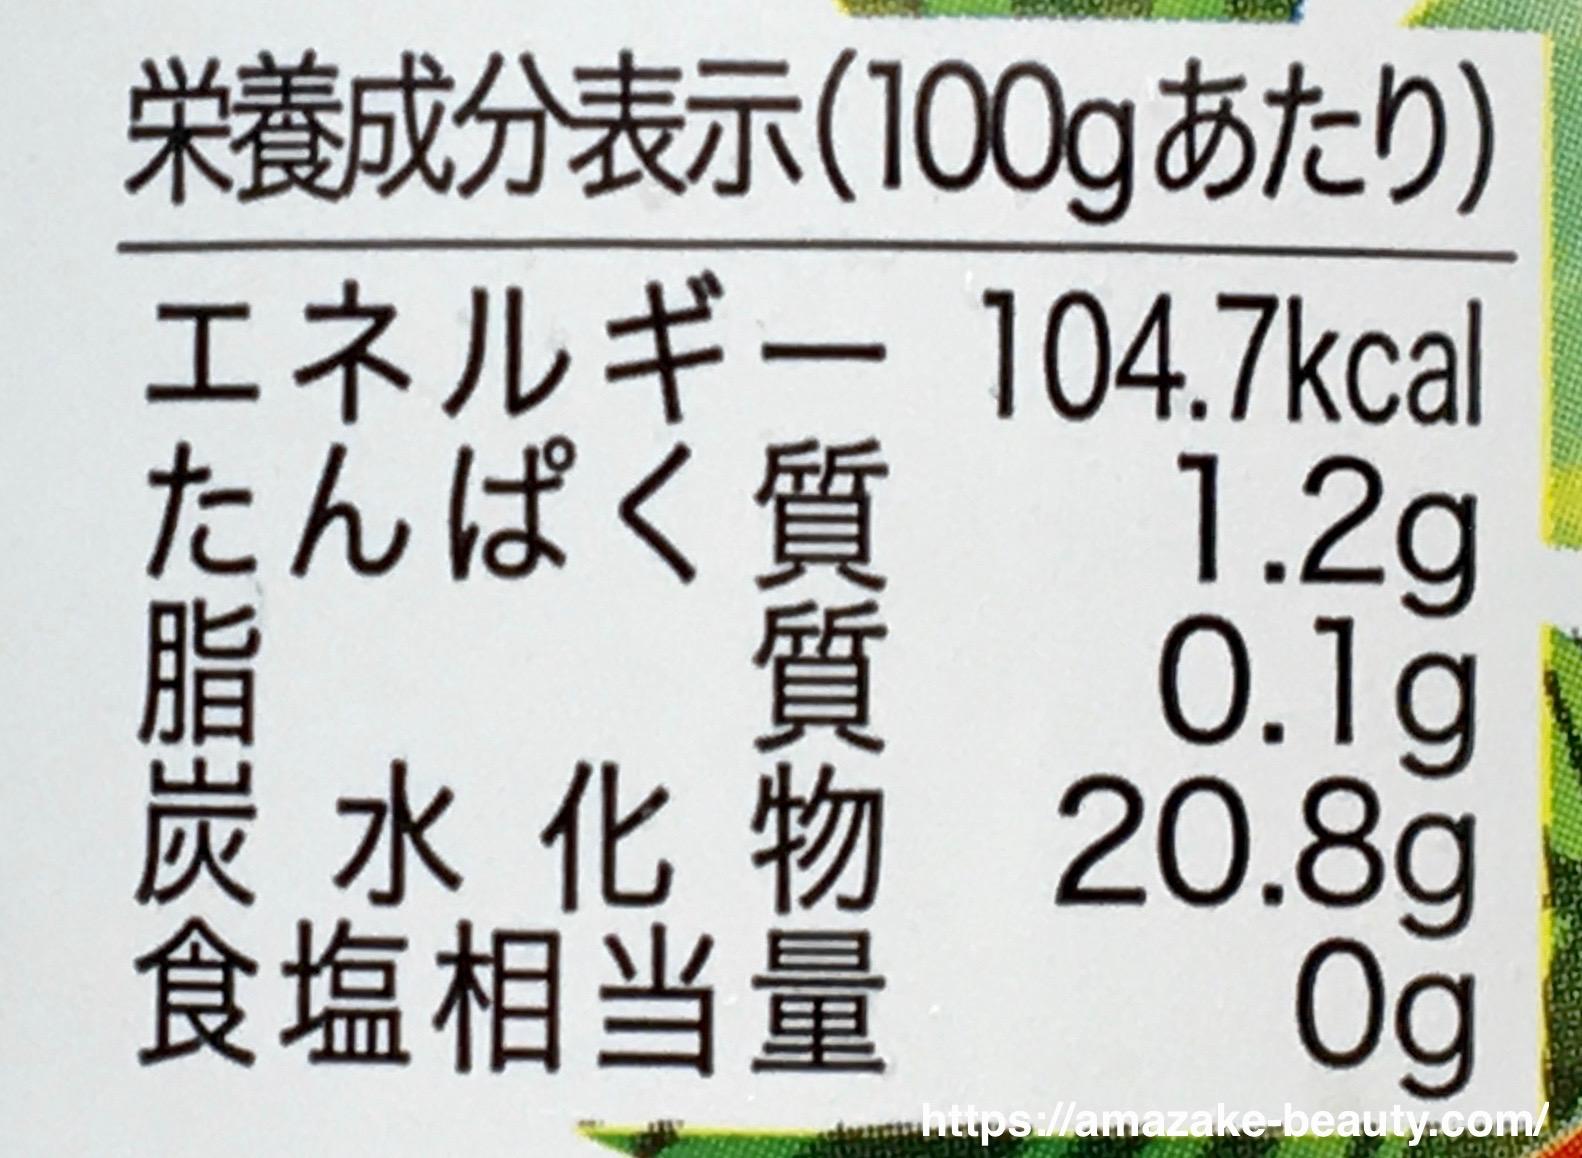 【甘酒】尾崎食品『ブラッドオレンジと米麹の甘酒』(栄養成分表示)